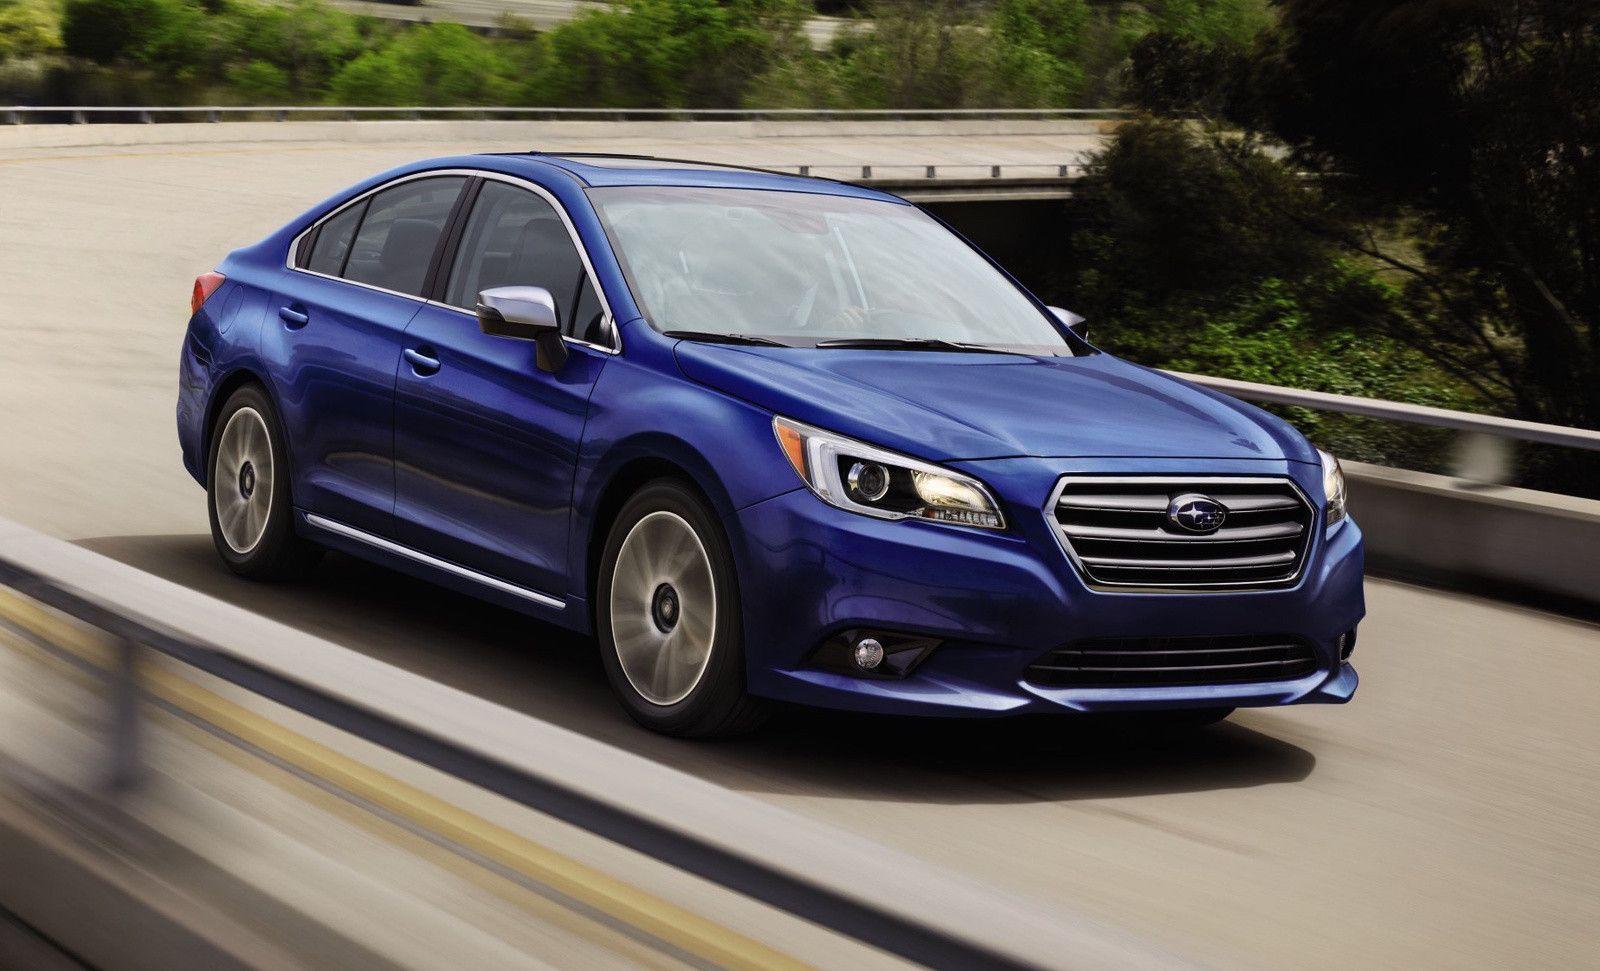 Luxury 2019 Subaru Model Subaru legacy gt, Subaru models